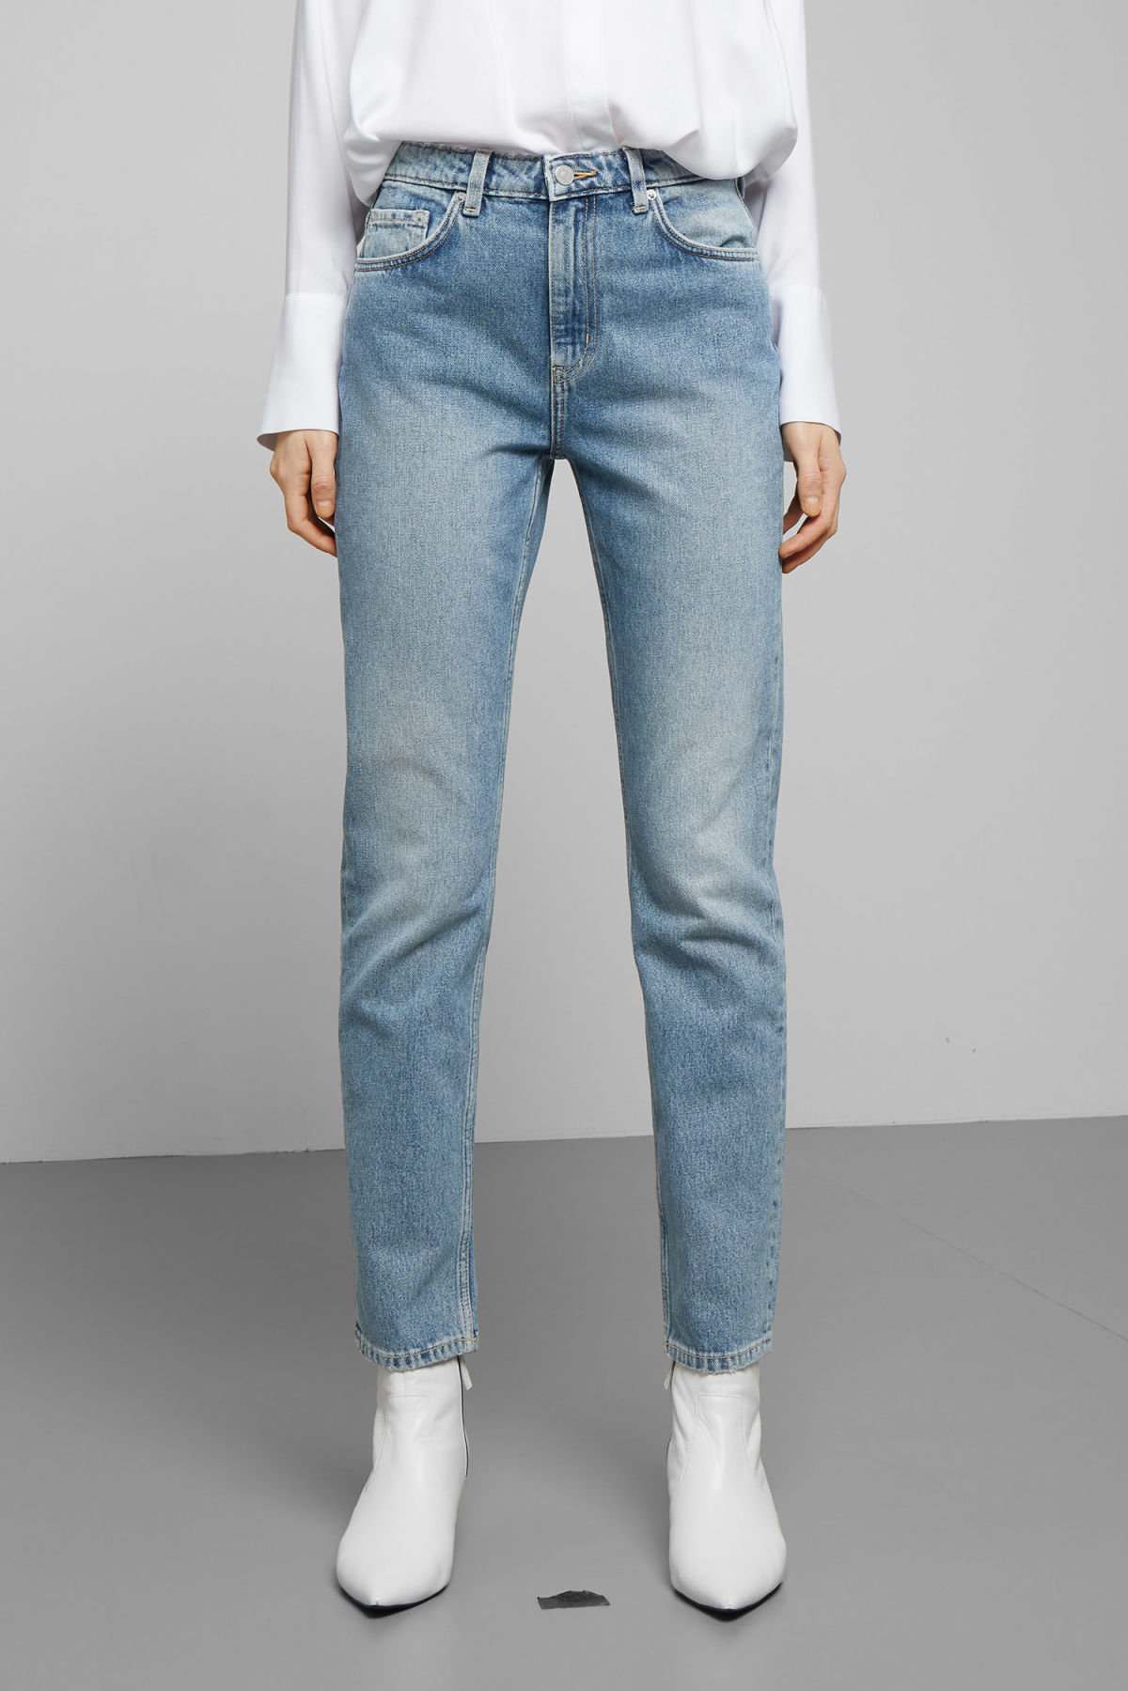 Weekday Seattle Chelsea Blue Jeans - Blue Acheter Pas Cher Livraison Gratuite Coût Prix Pas Cher ikGm7RN